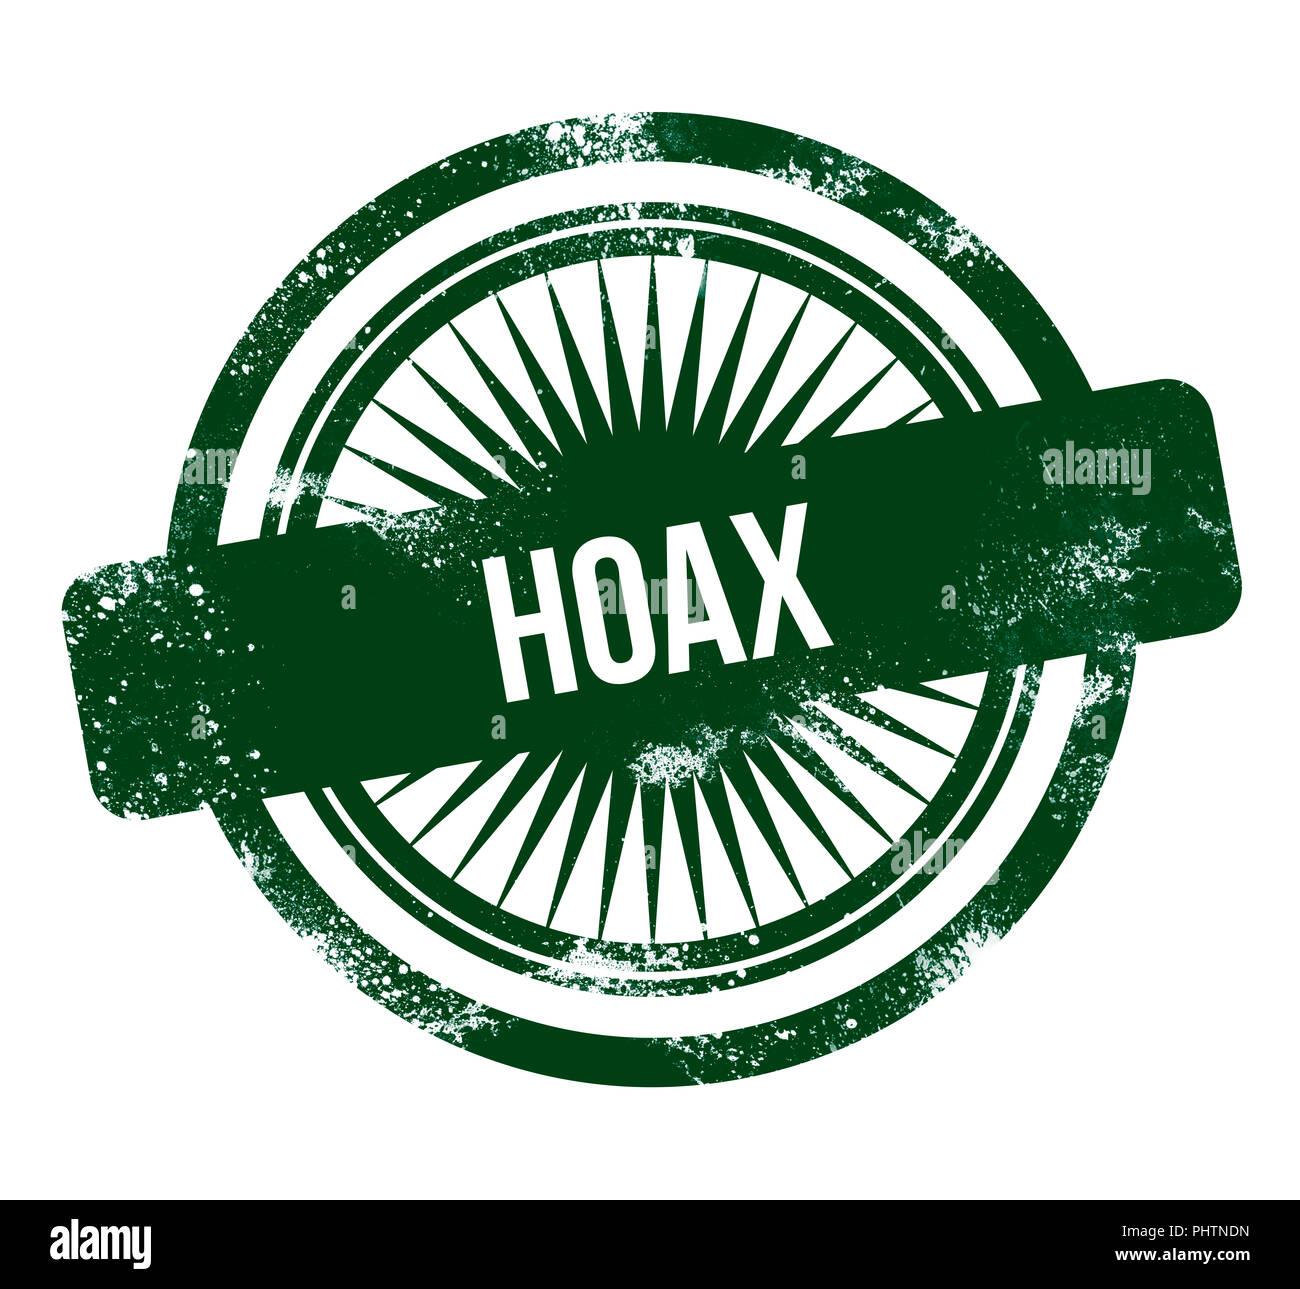 Hoax - green grunge timbro Immagini Stock